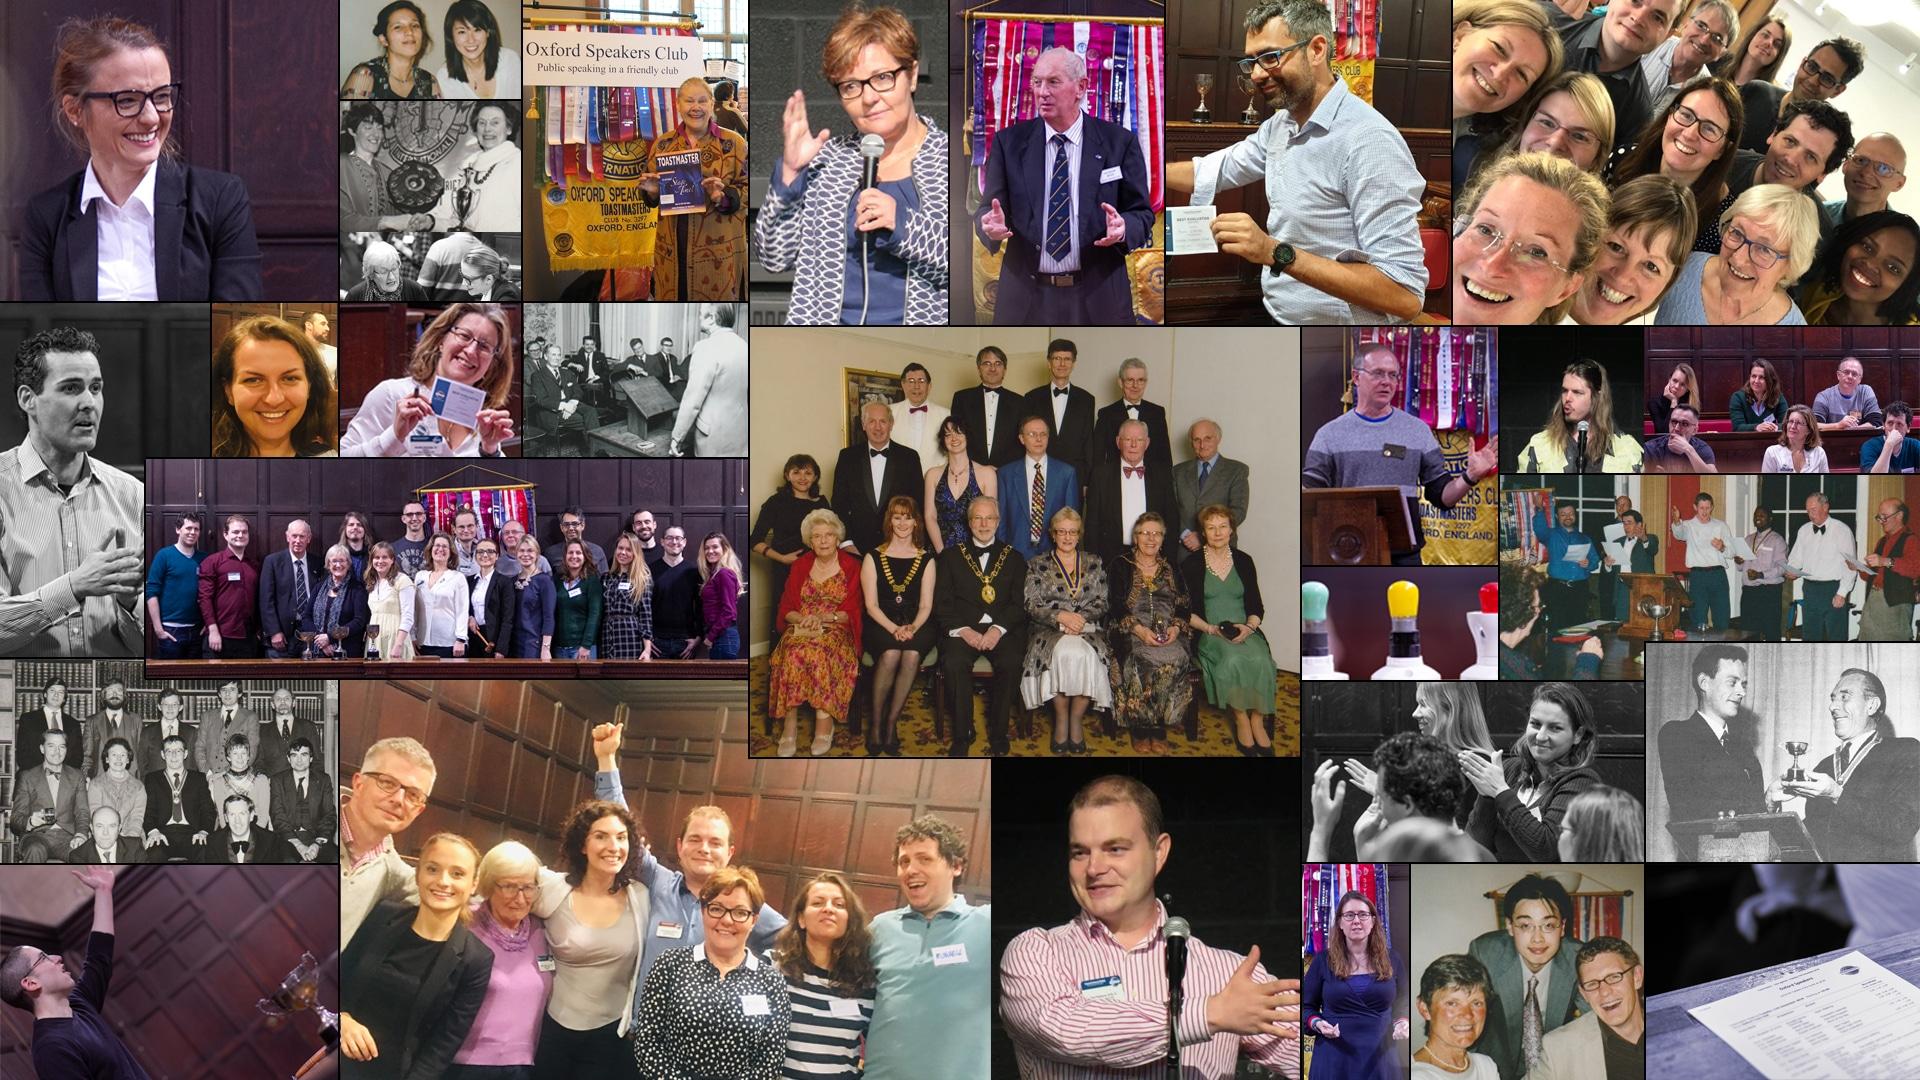 Oxford Speakers